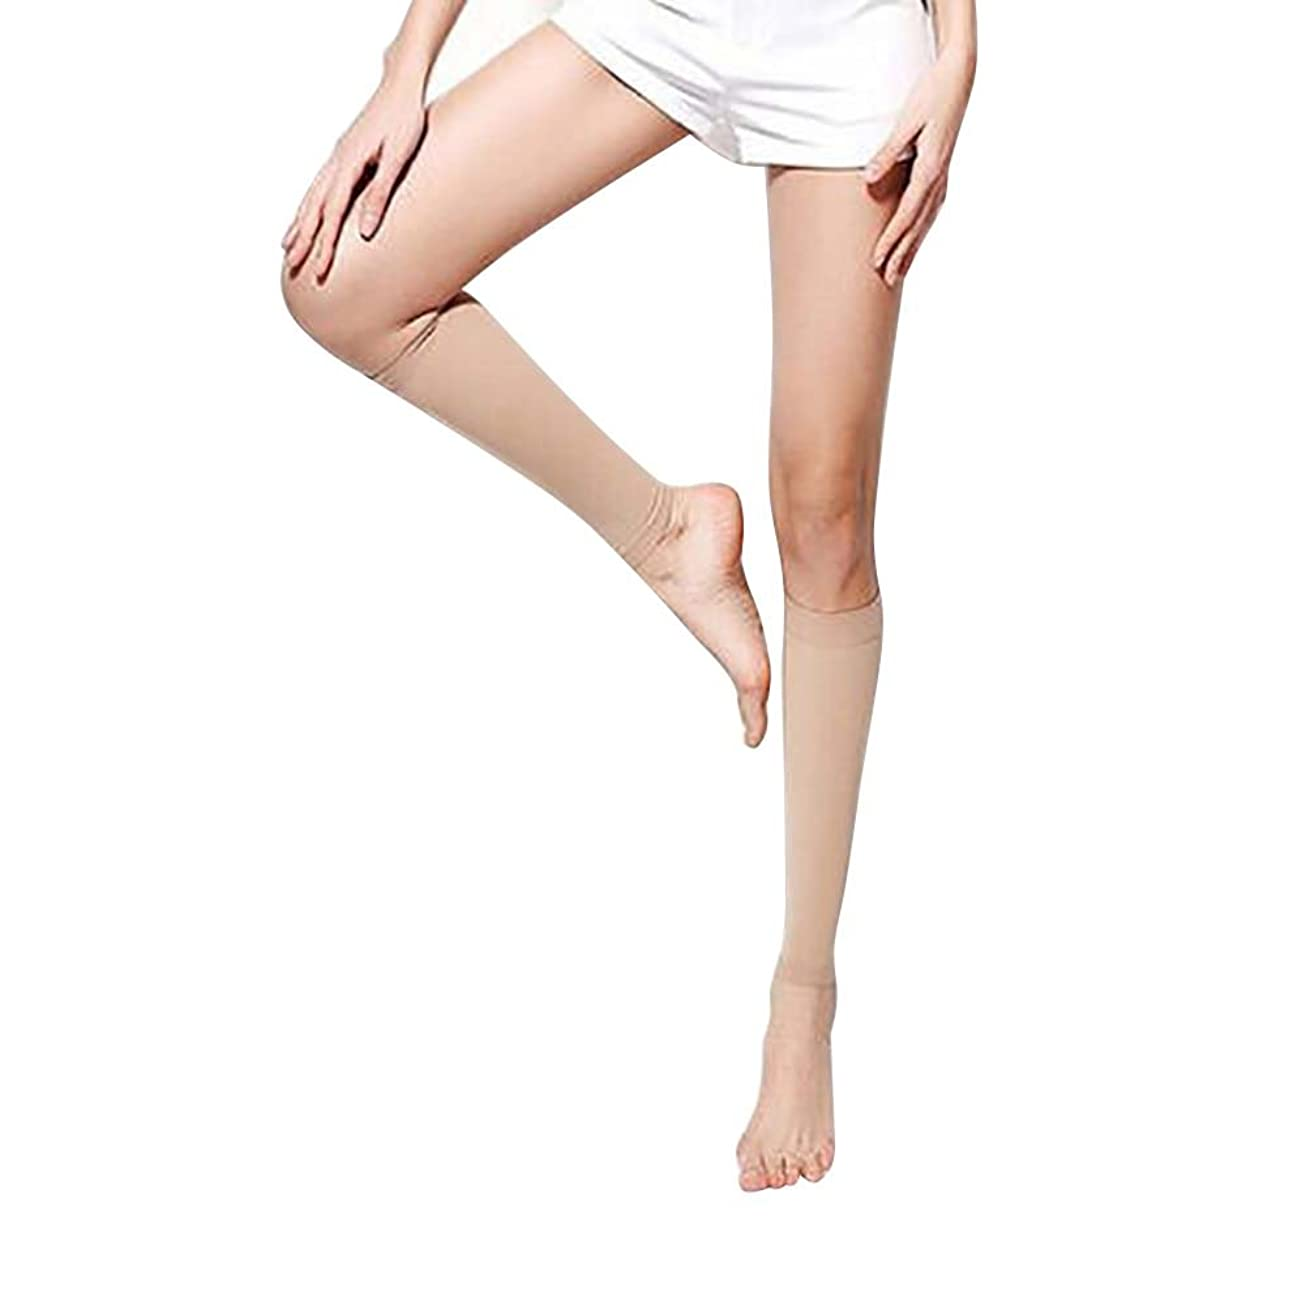 それら崇拝する起業家kasit 美脚ふくらはぎソックス 着圧ソックス 脂肪燃焼で脛ほっそり ショート